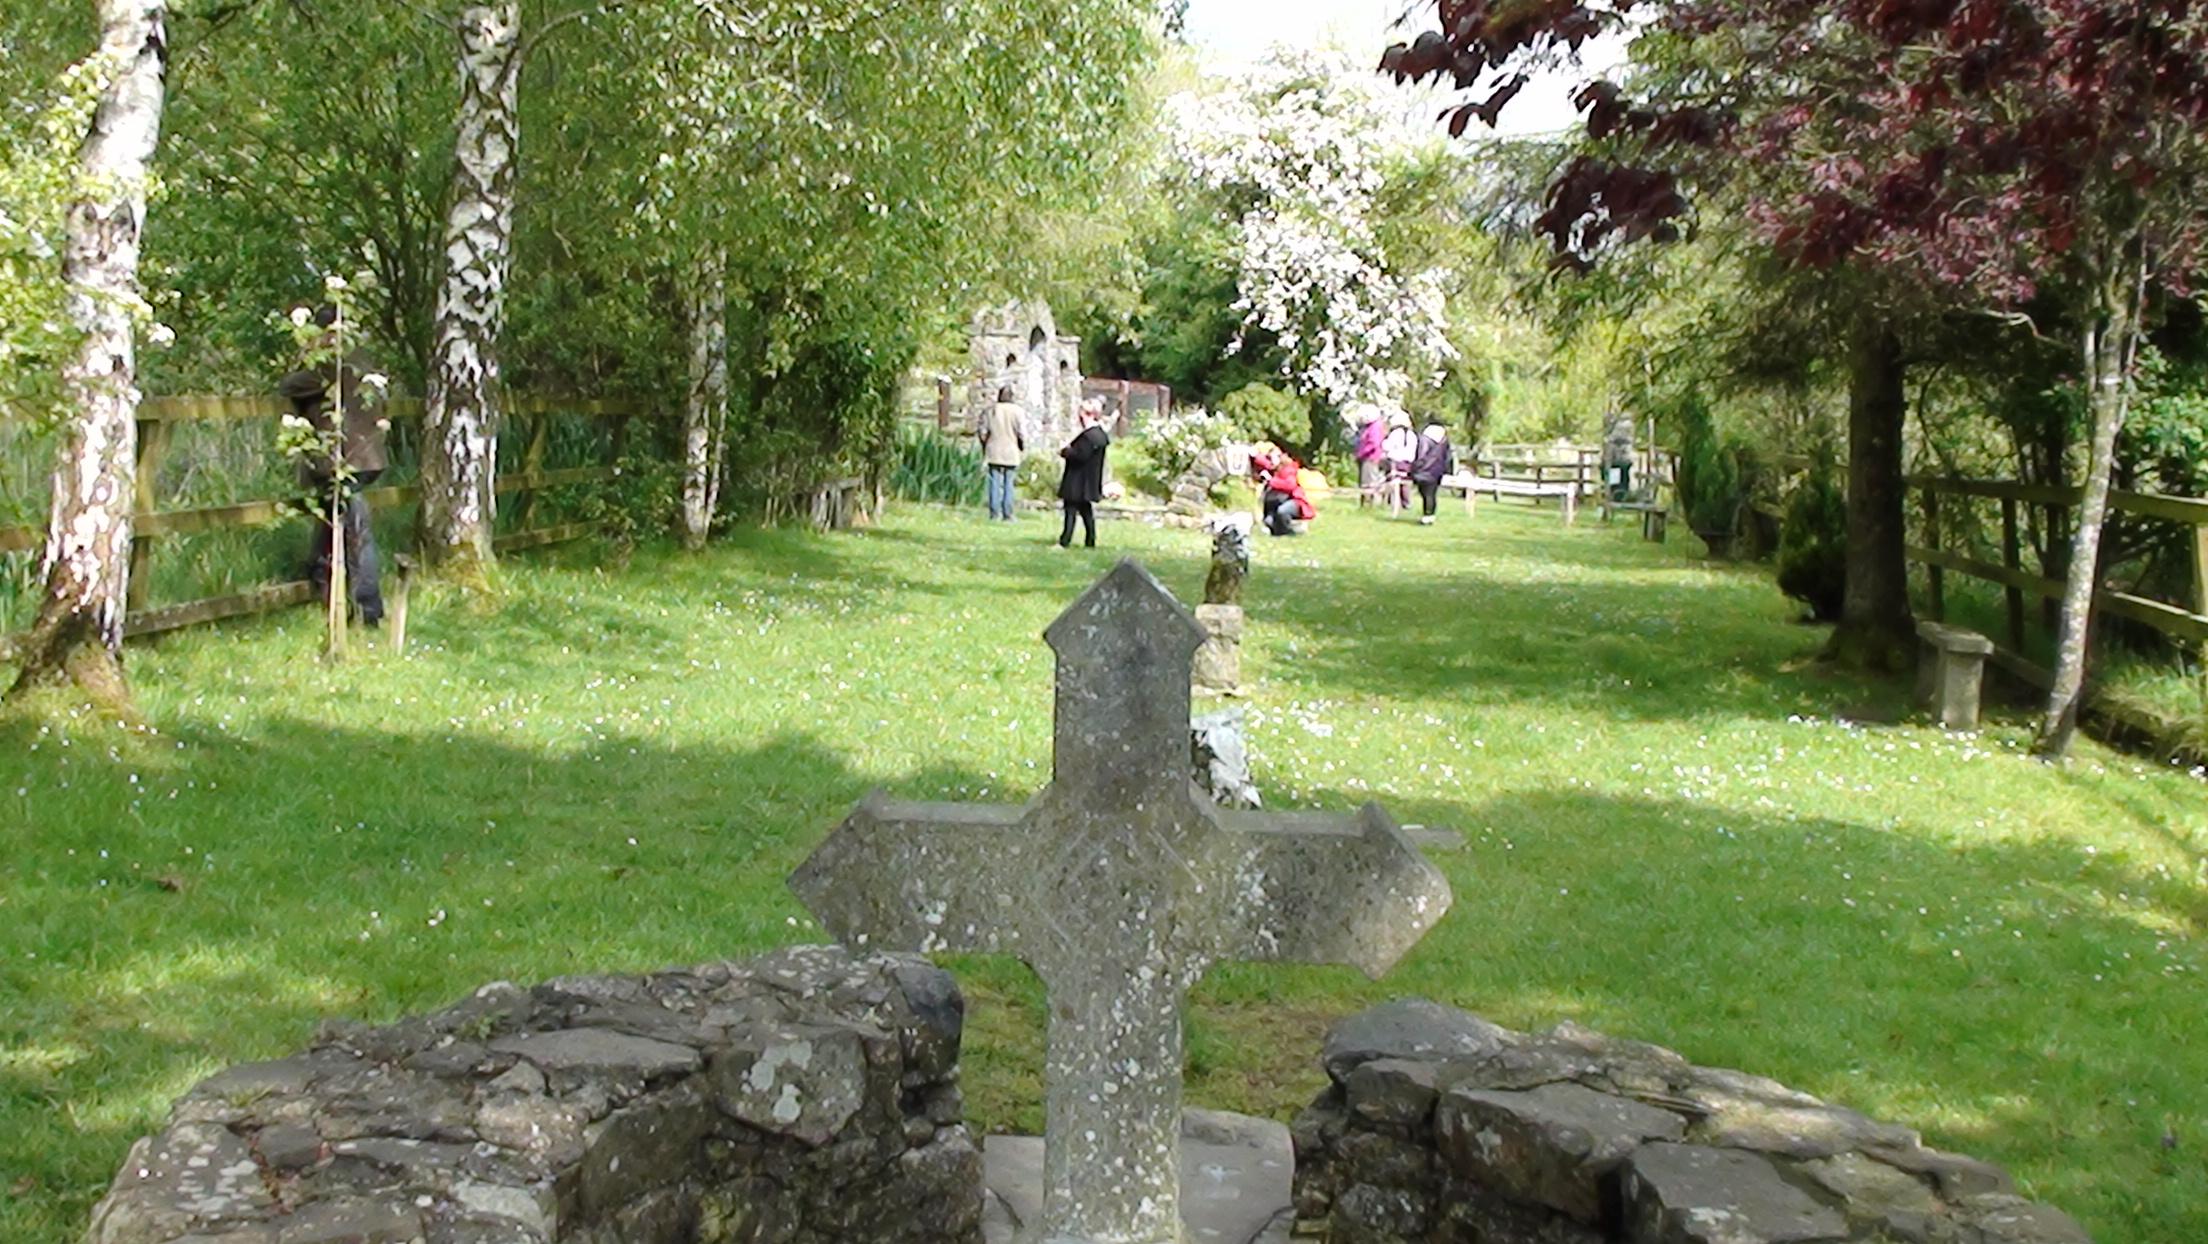 Saint Brigid's Well near Kildare